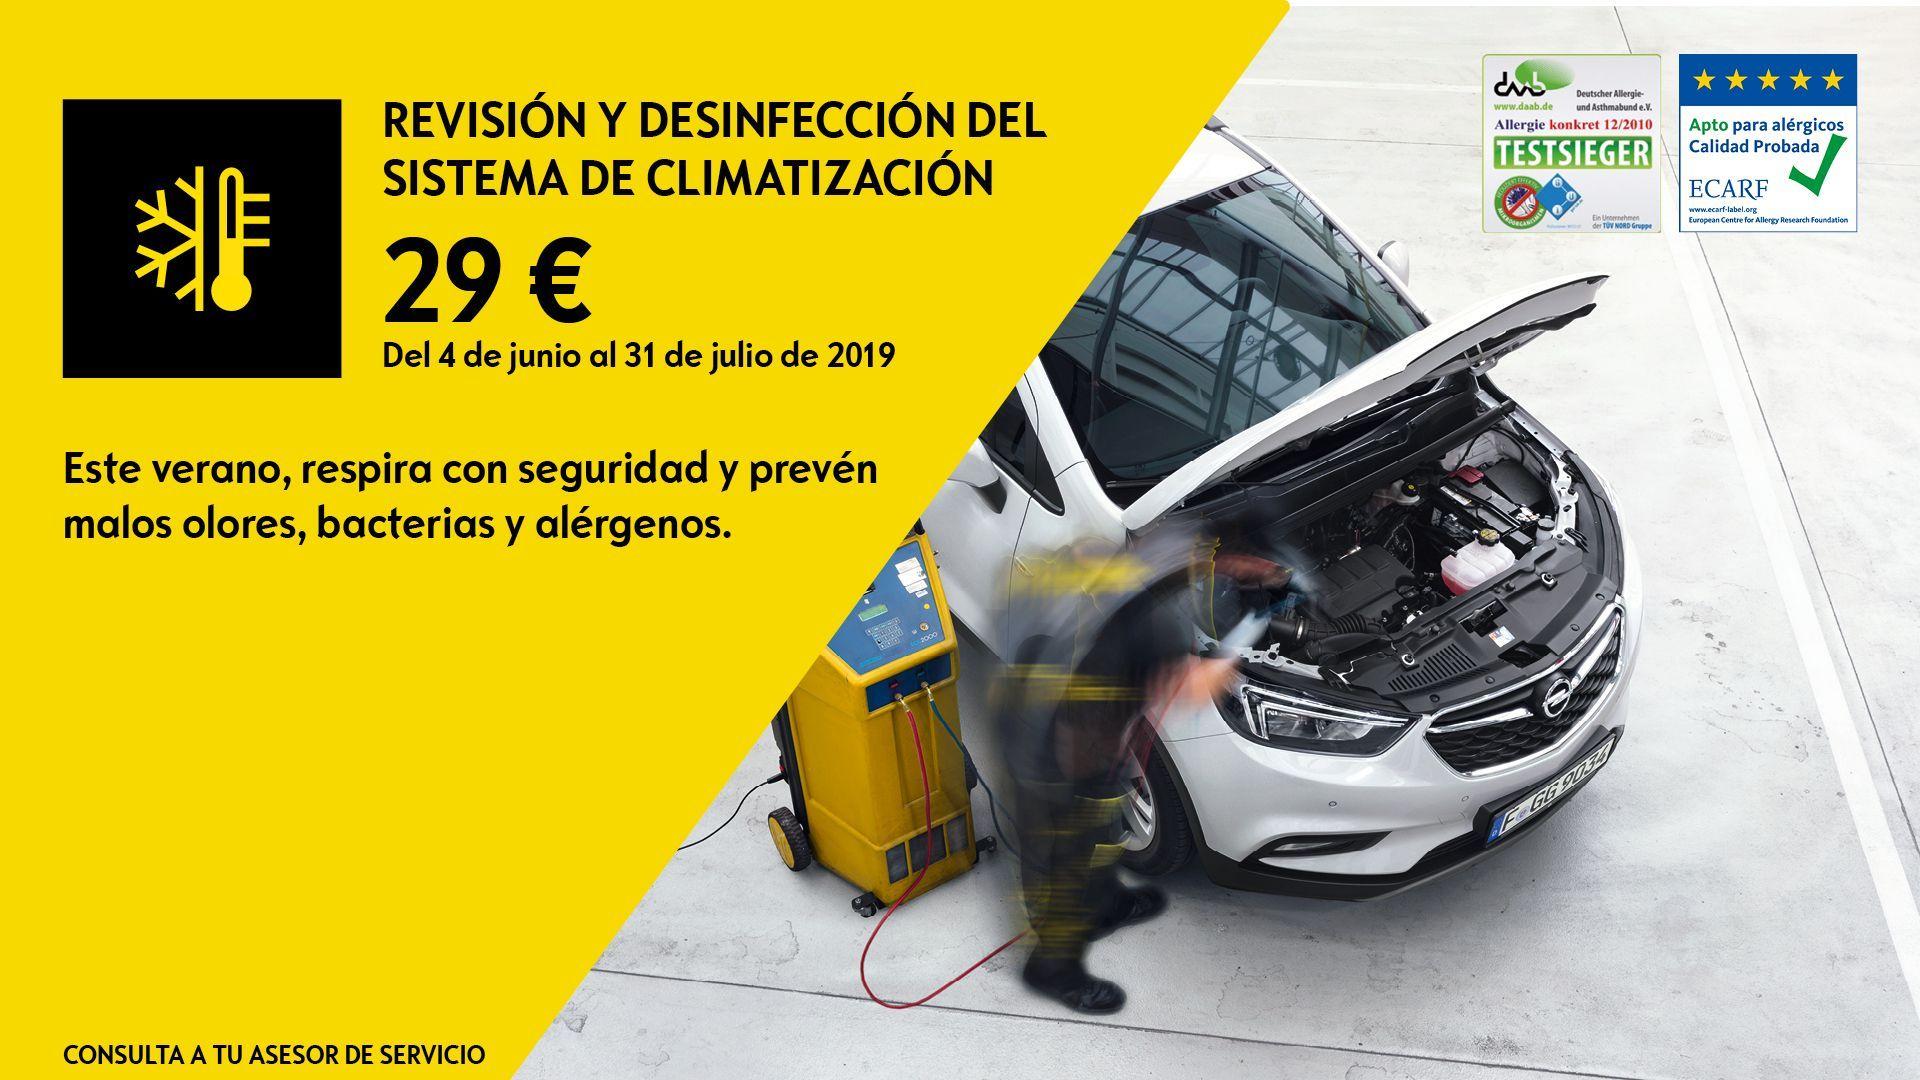 REVISIÓN Y DESINFECCIÓN DEL SISTEMA DE CLIMATIZACIÓN POR 29€